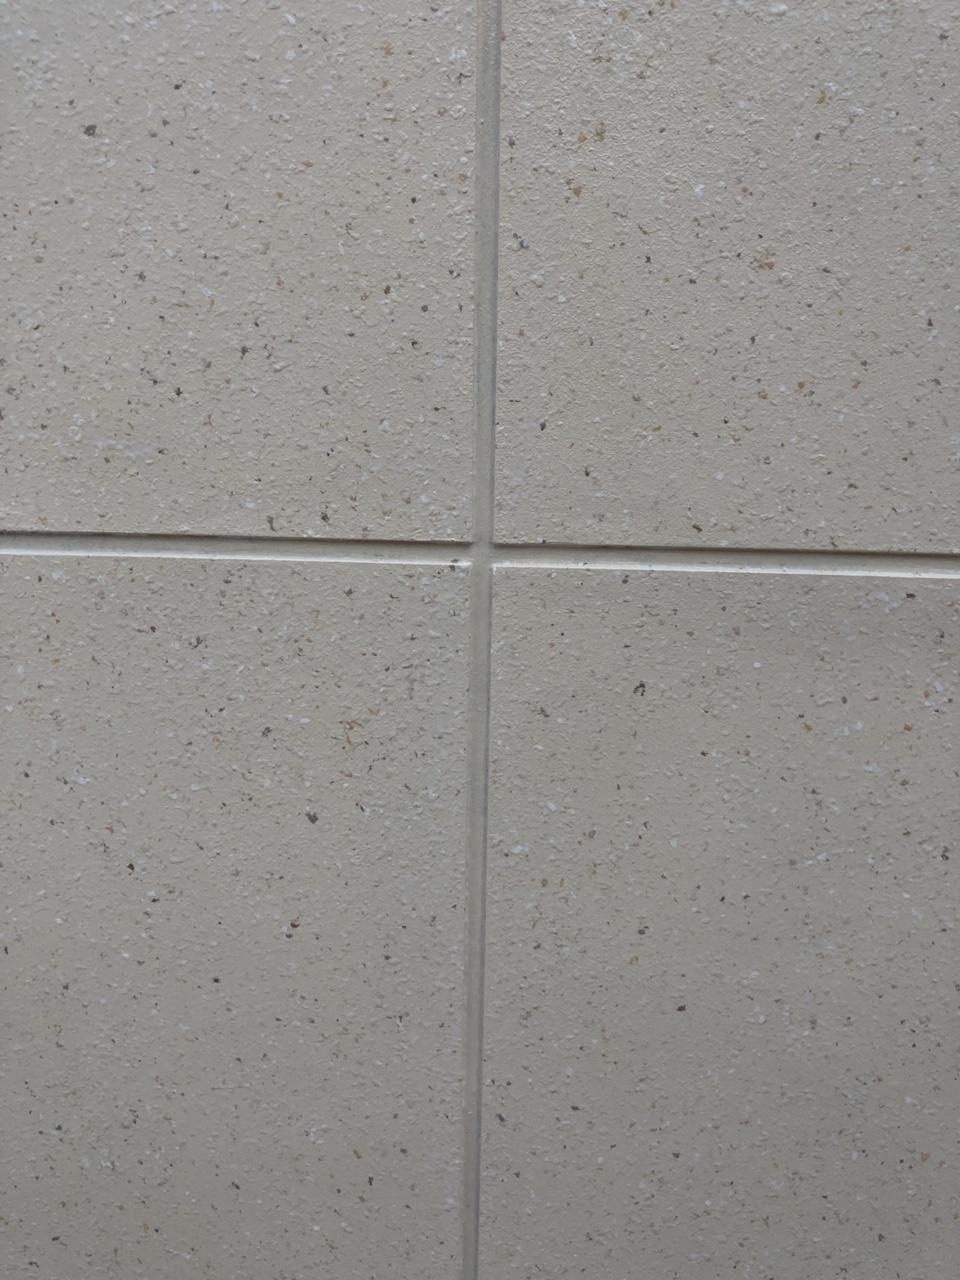 化州市、汇景新城一期M栋电梯口有个三箱车位出售,23.5万,嫌贵勿扰,谢谢??